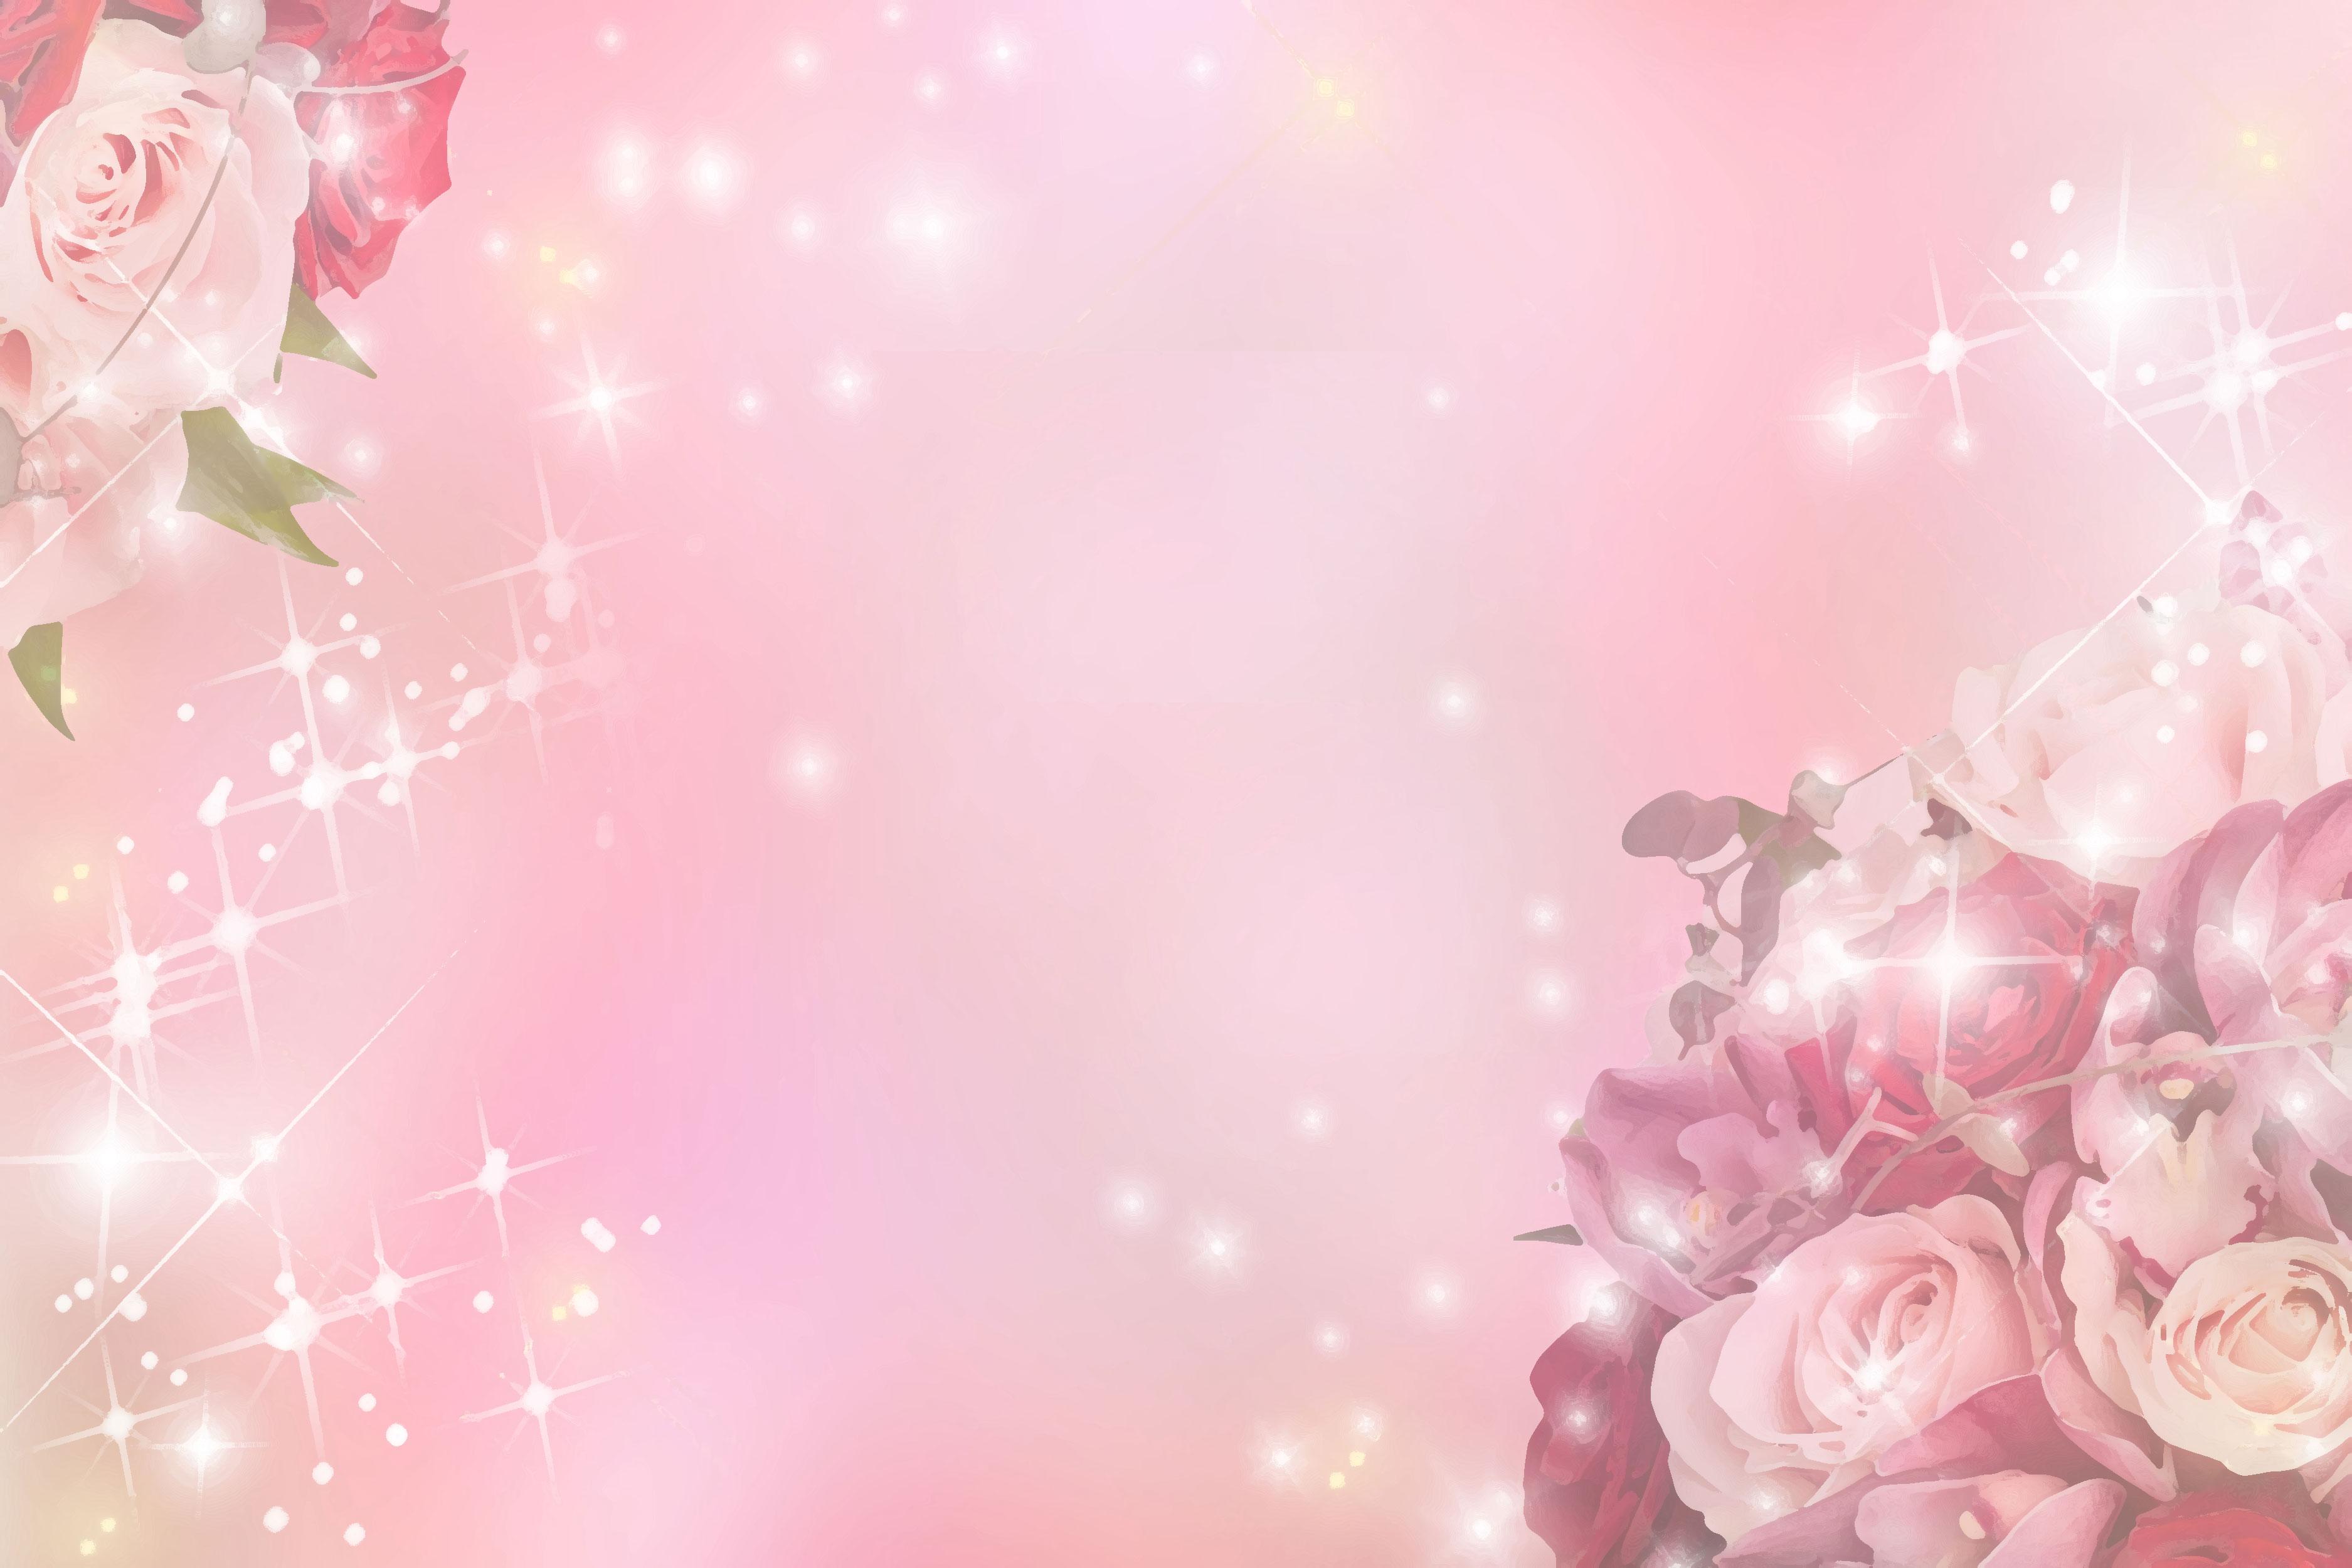 バラの画像 イラスト 壁紙 背景用 No 717 バラ ピンク 光輝く